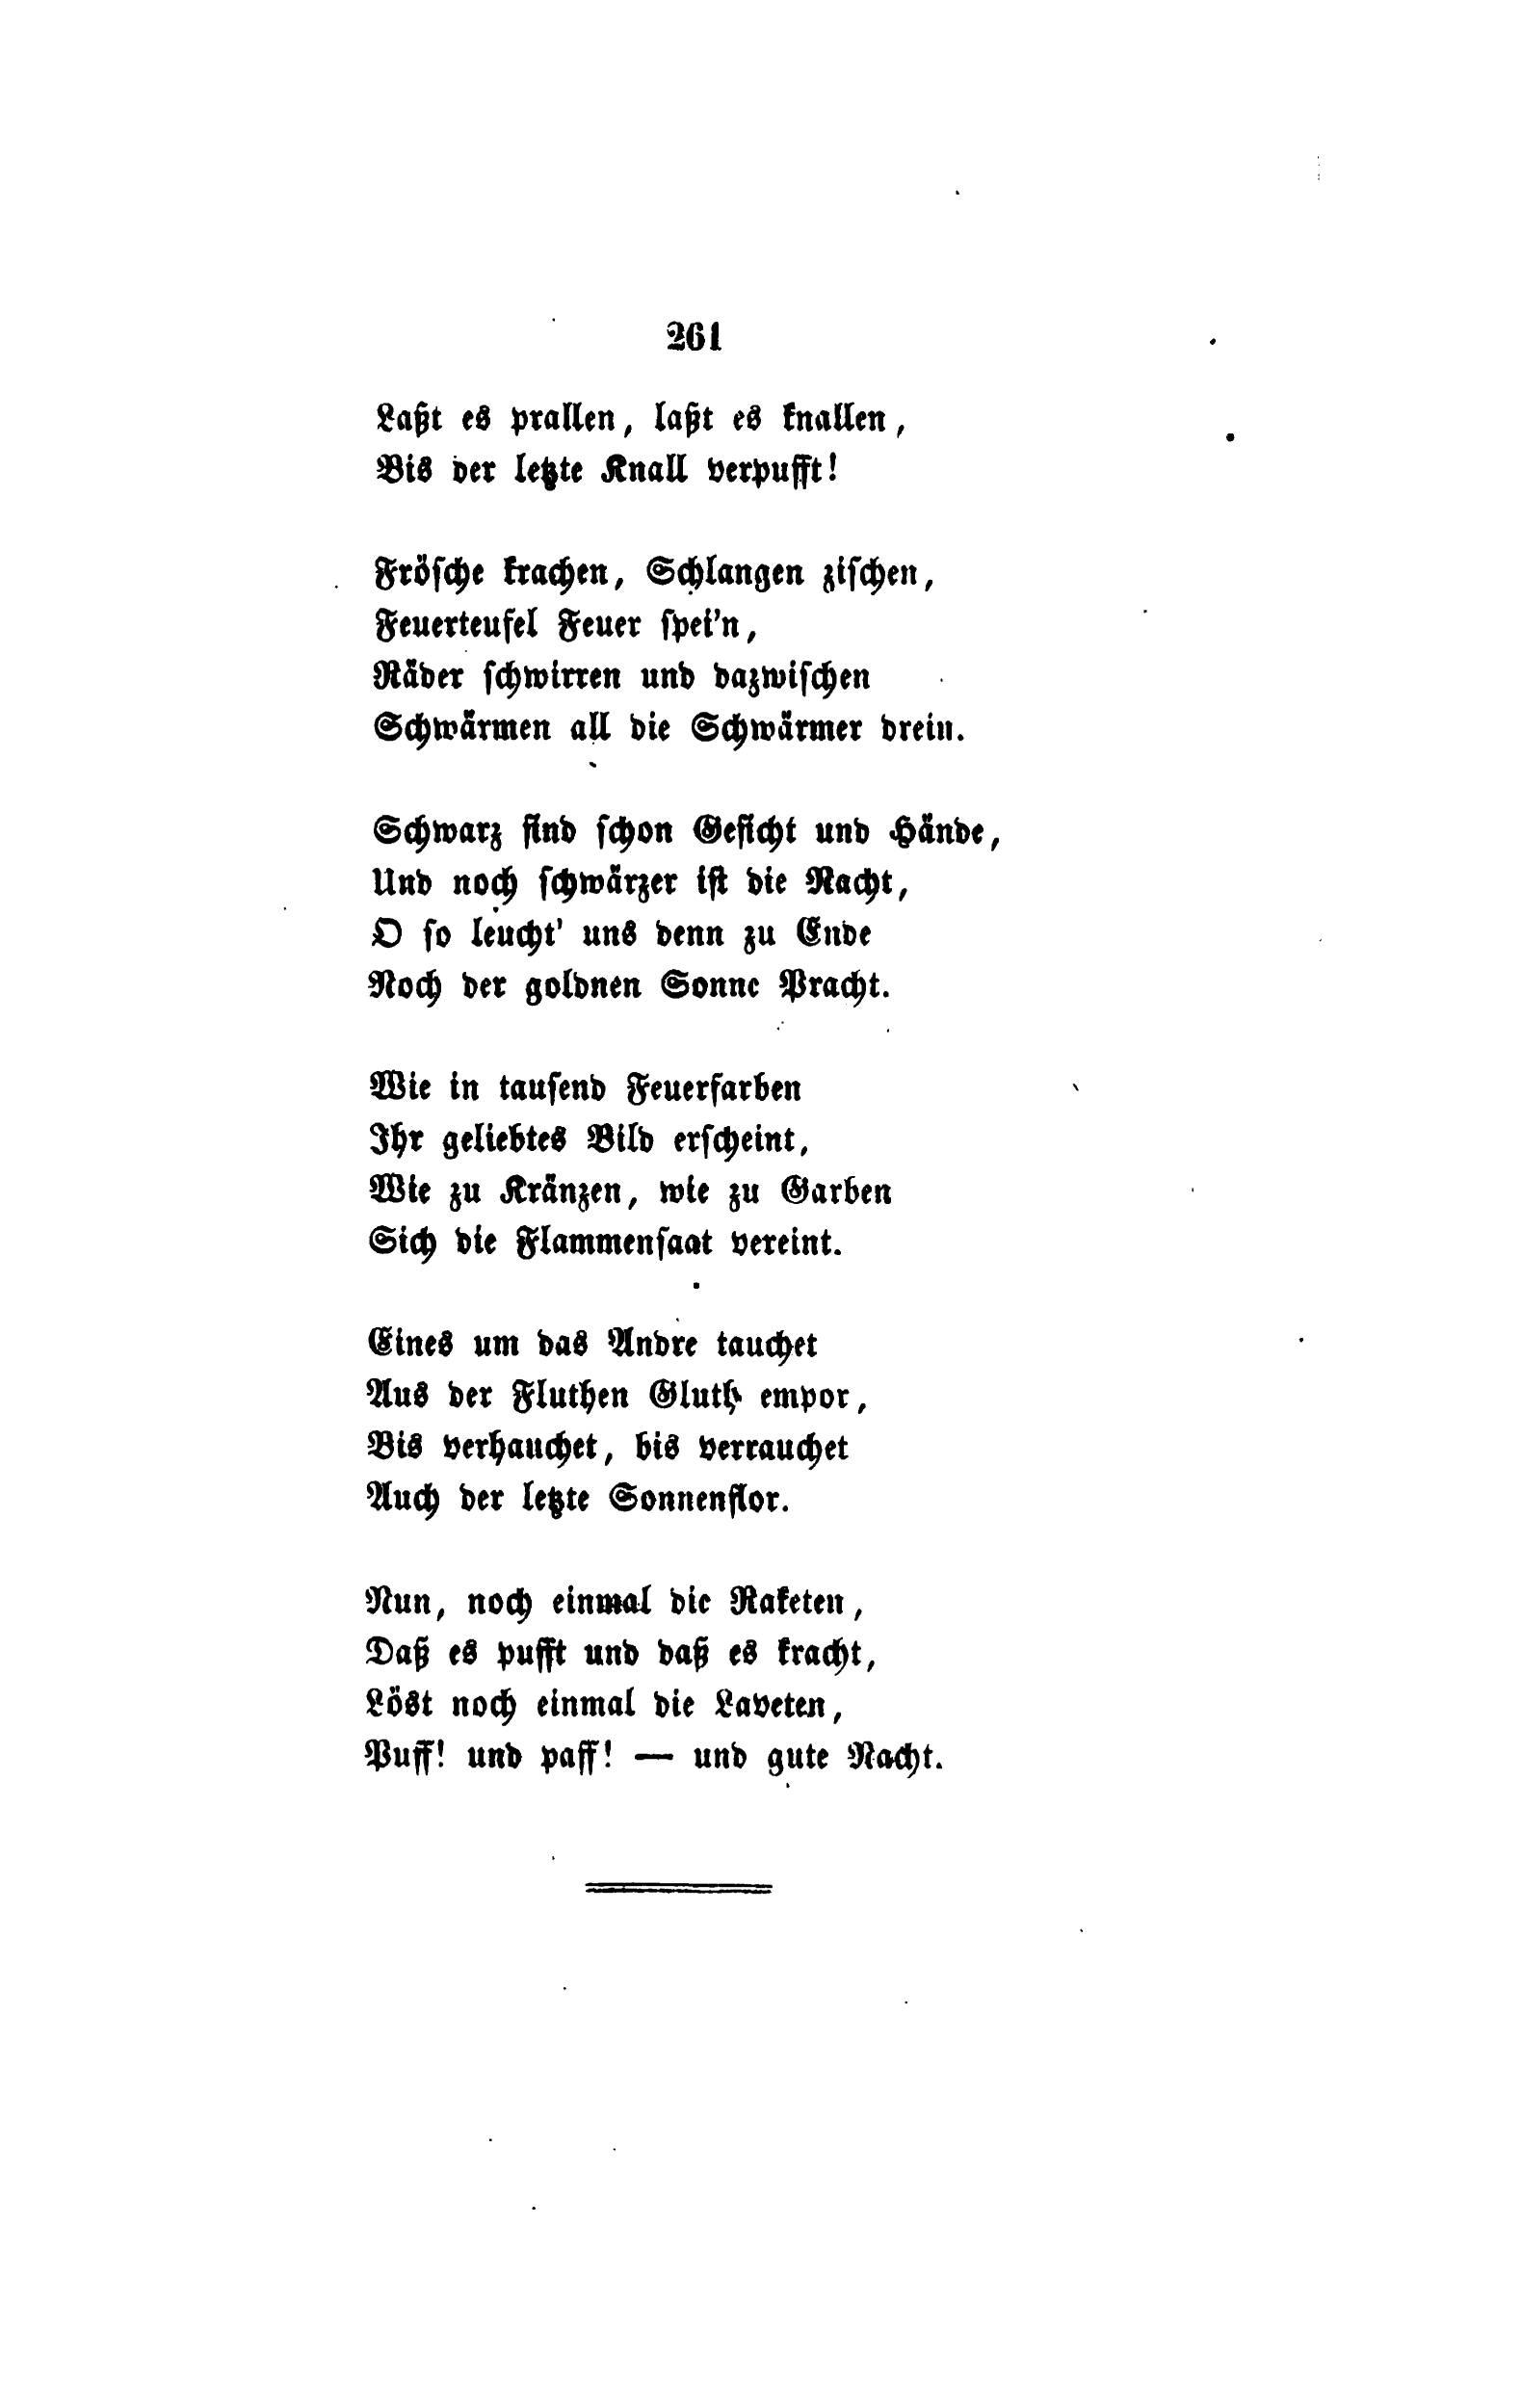 Frau Hagenbach